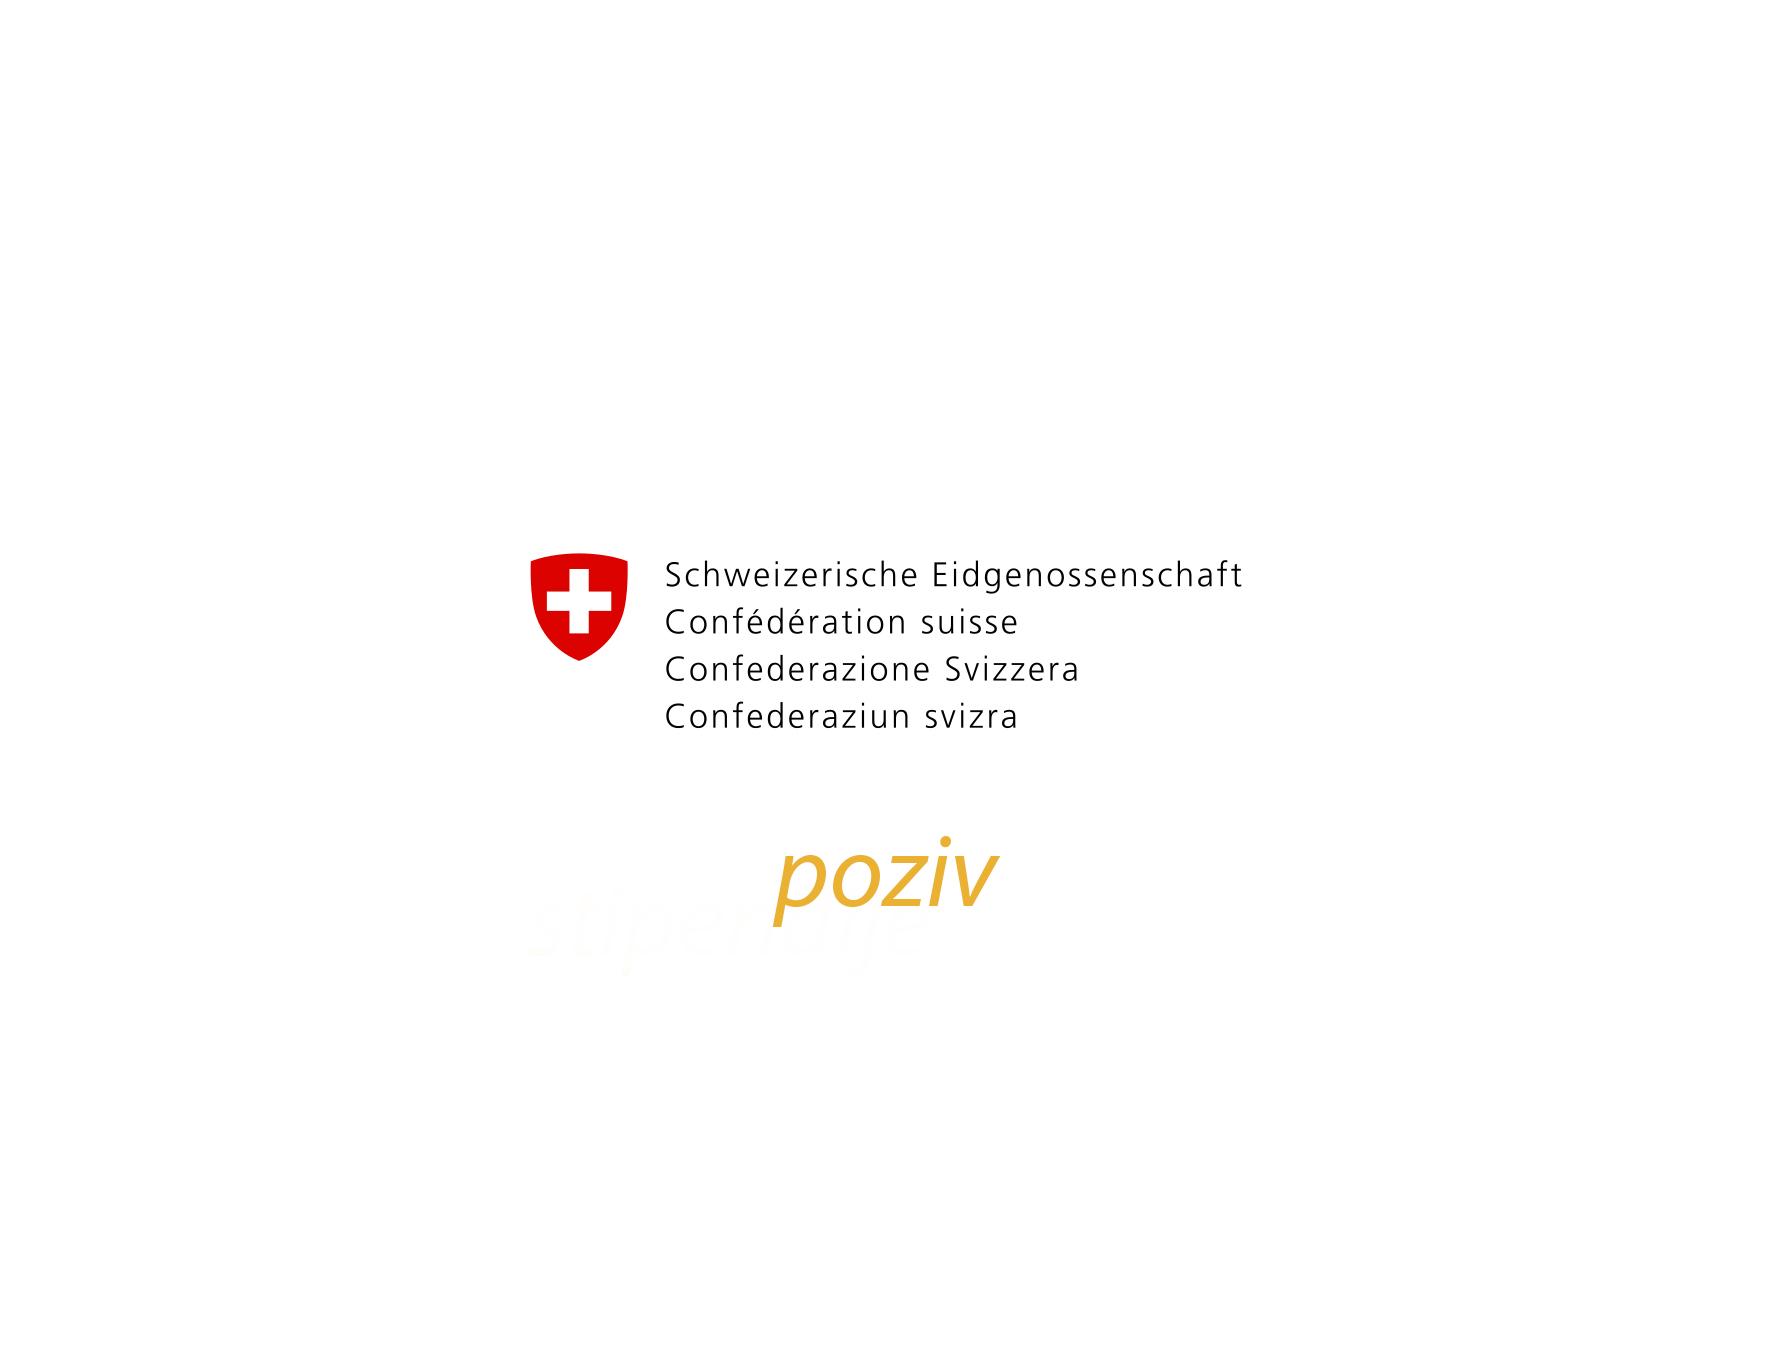 Poziv za promociju istraživanja i inovacija Švicarske agencije za razvoj i kooperaciju SDC